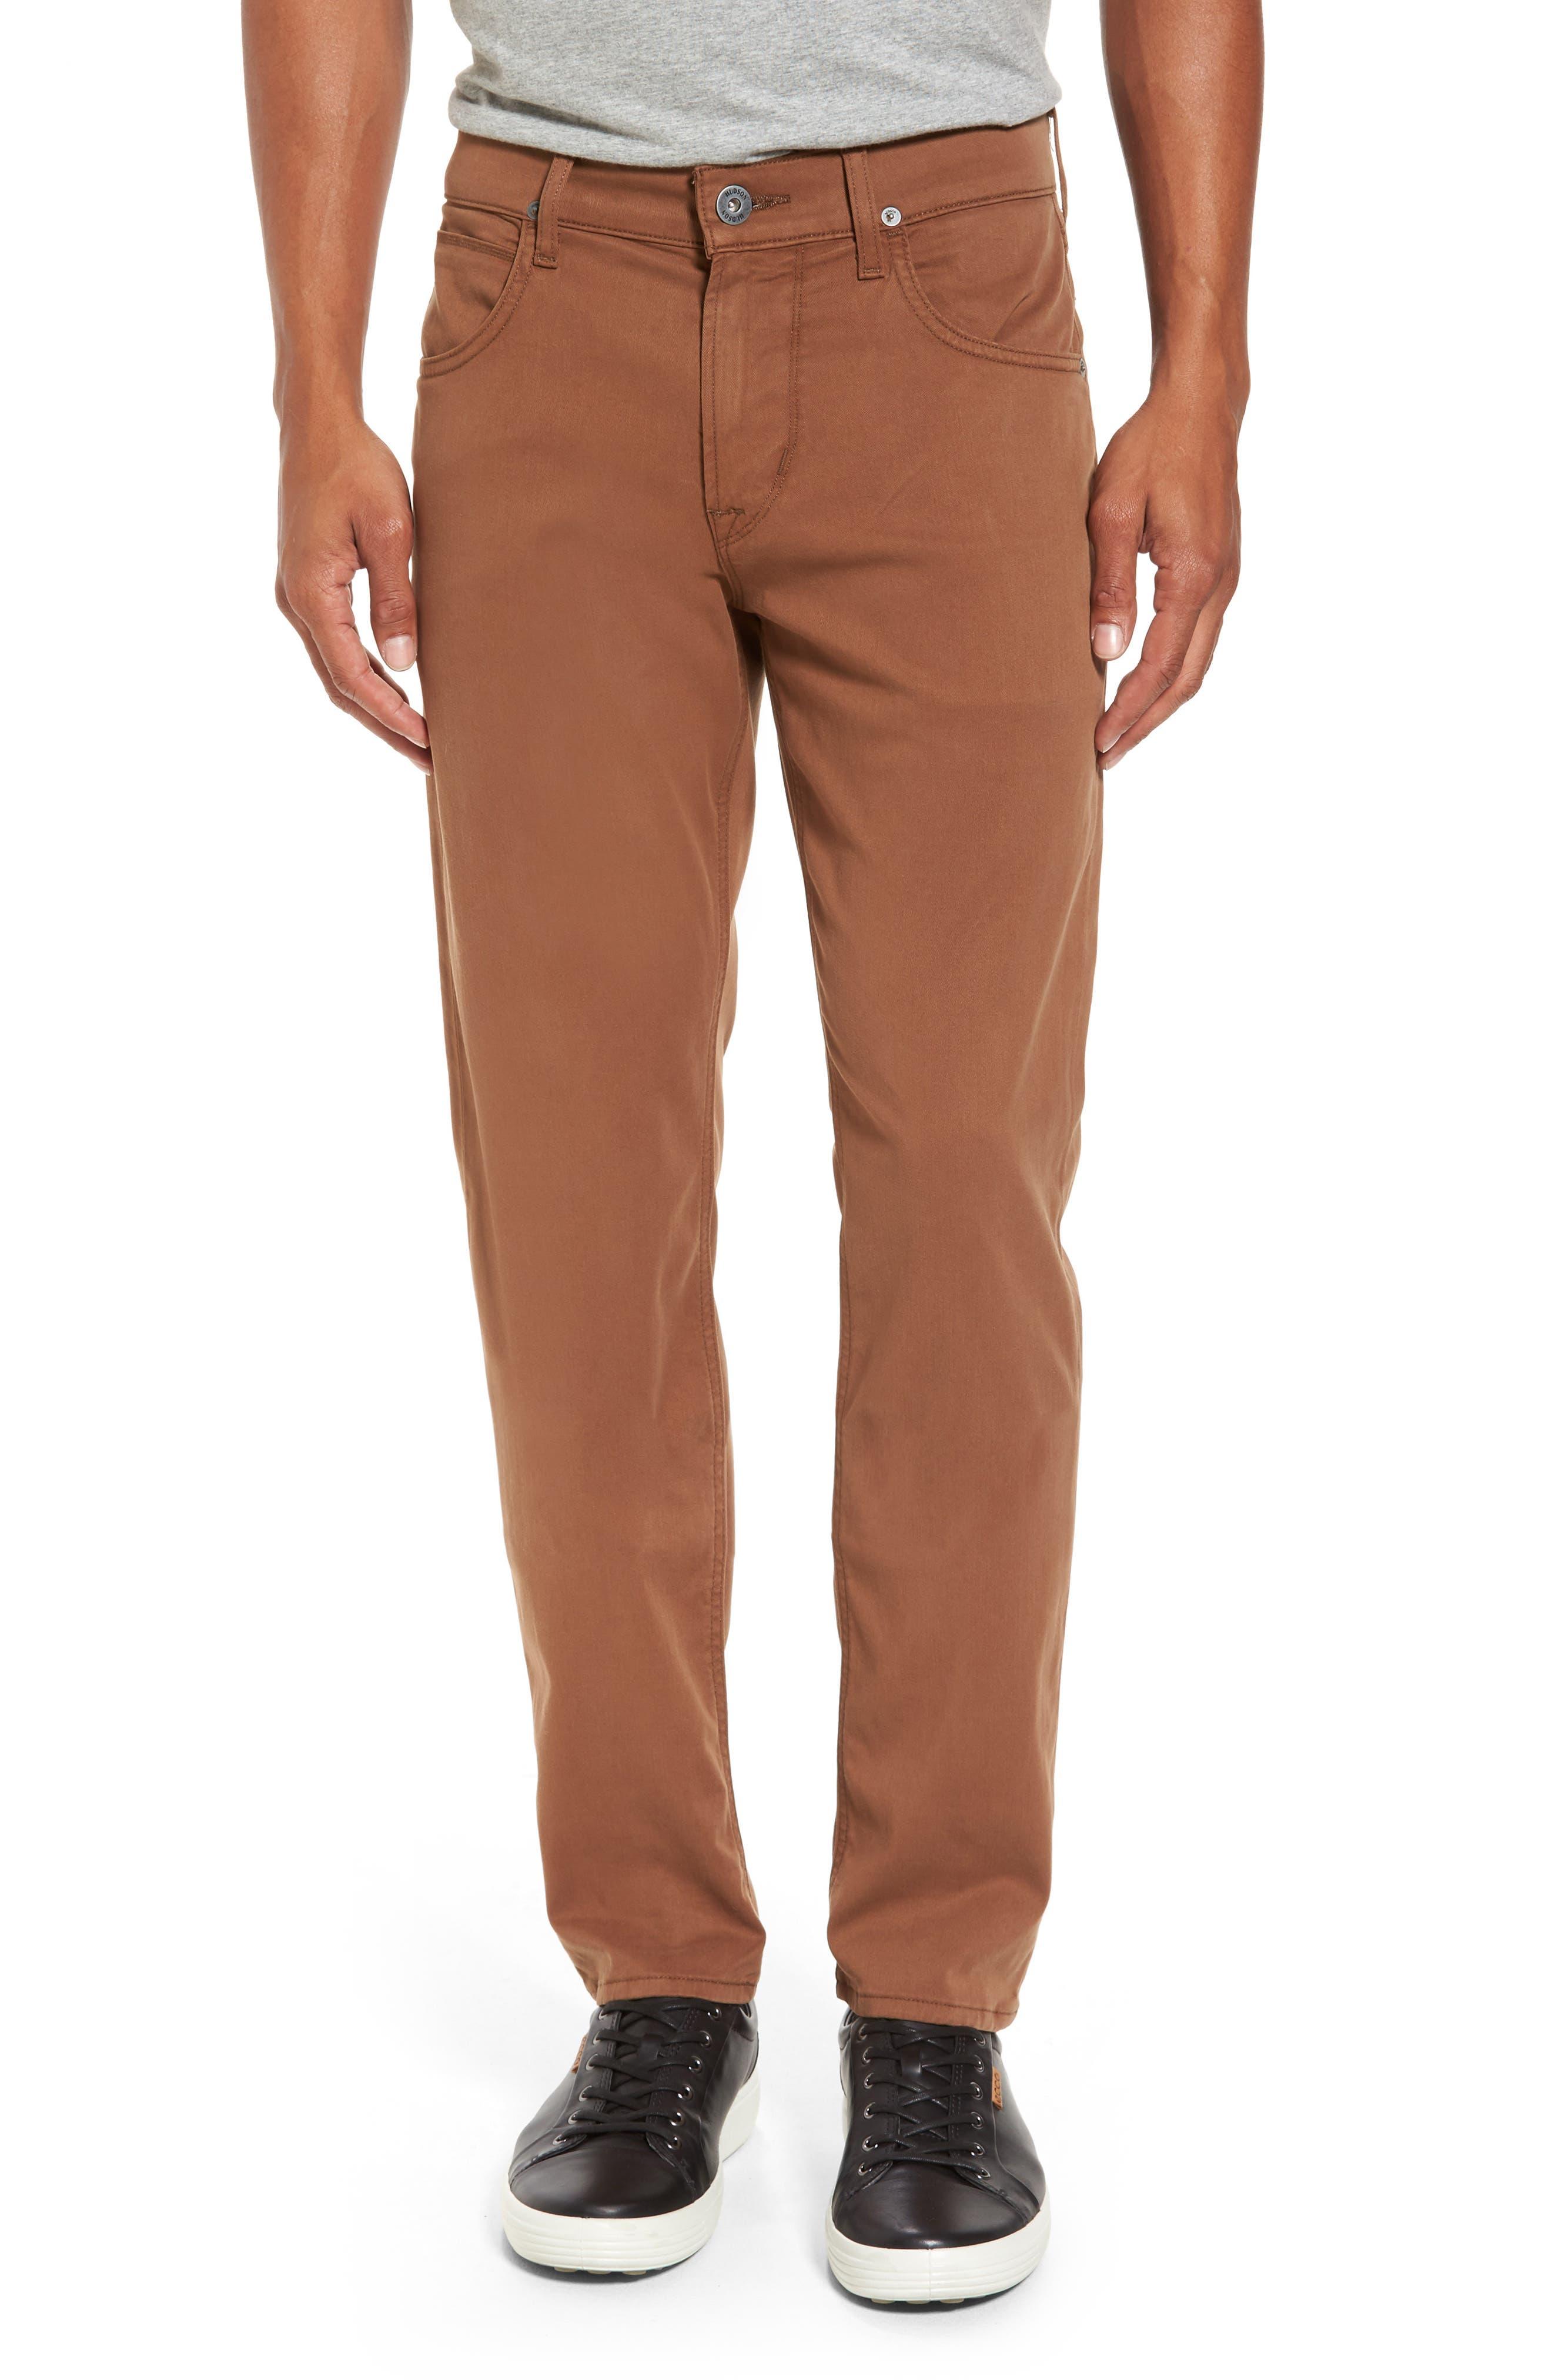 Hudson Jeans Blake Slim Fit Jeans (Masonite)